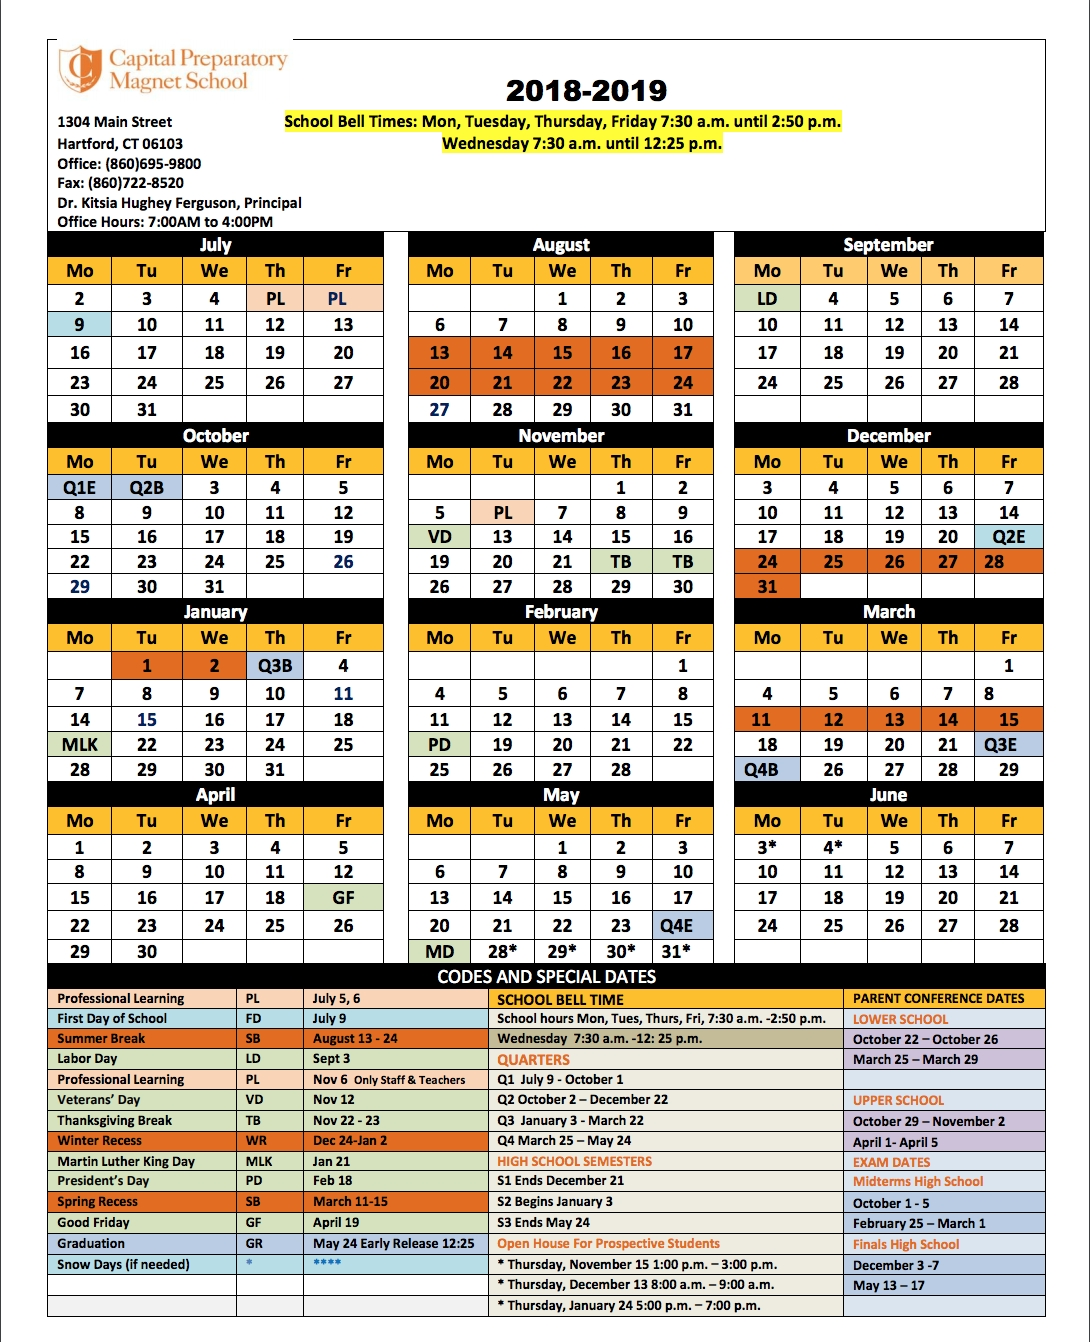 School Calendar - Capital Preparatory Magnet School_School Calendar Bridgeport Ct